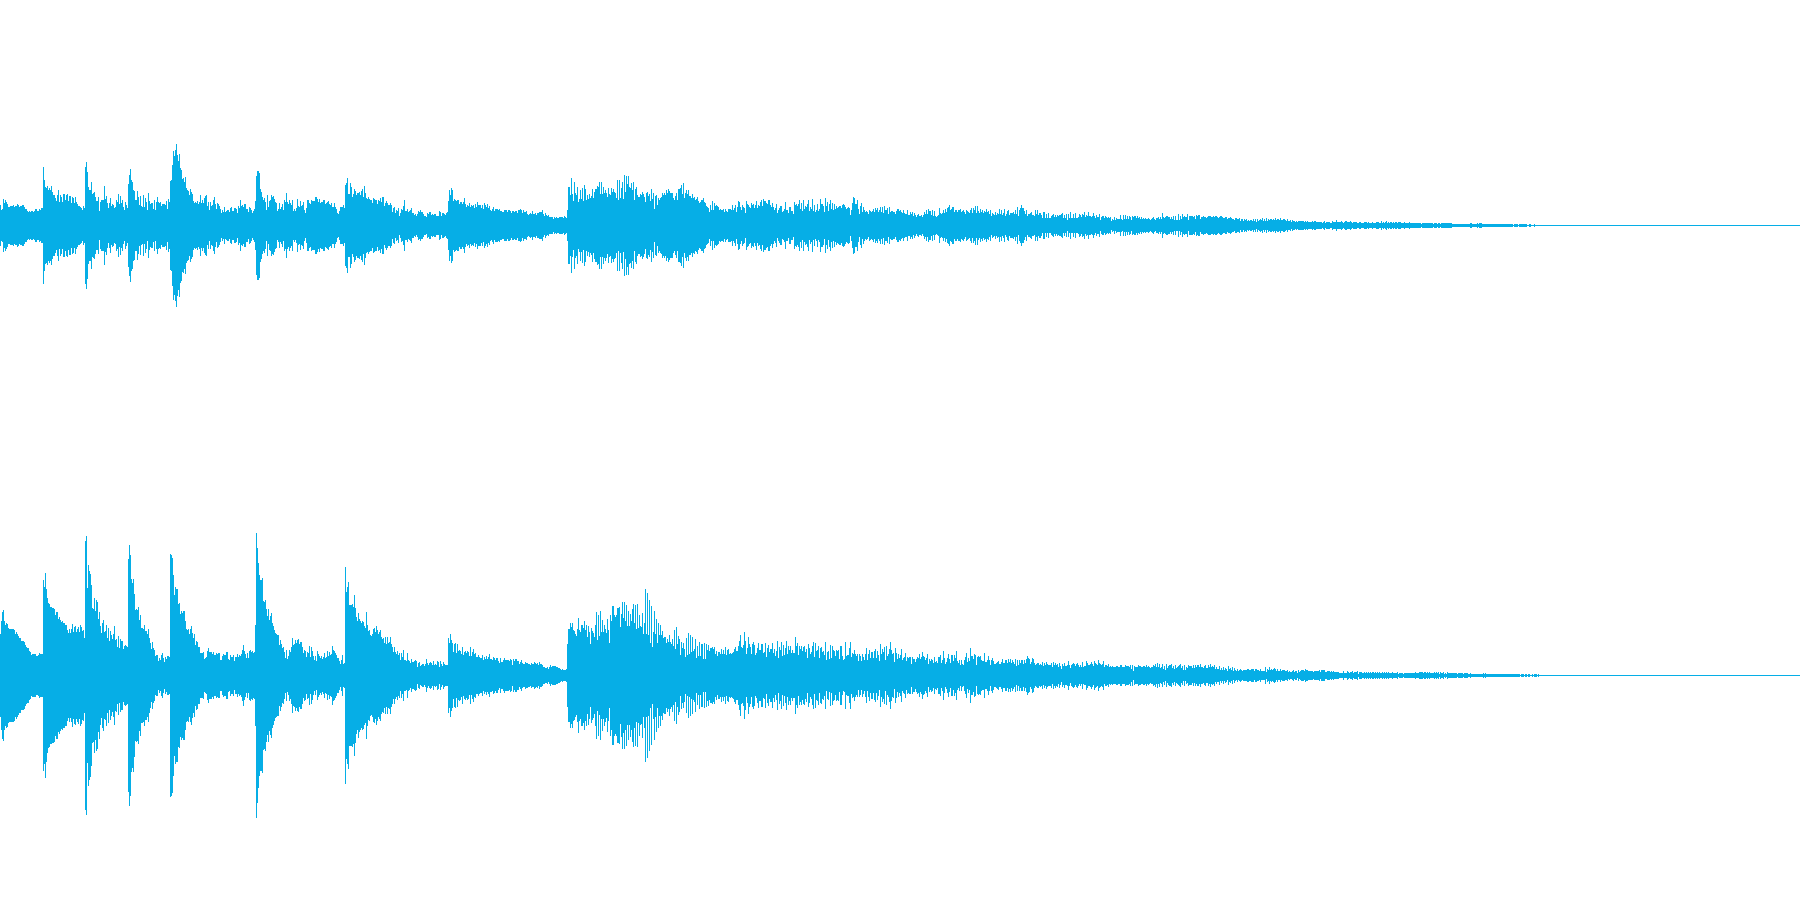 ゲームオーバーのジングルの再生済みの波形